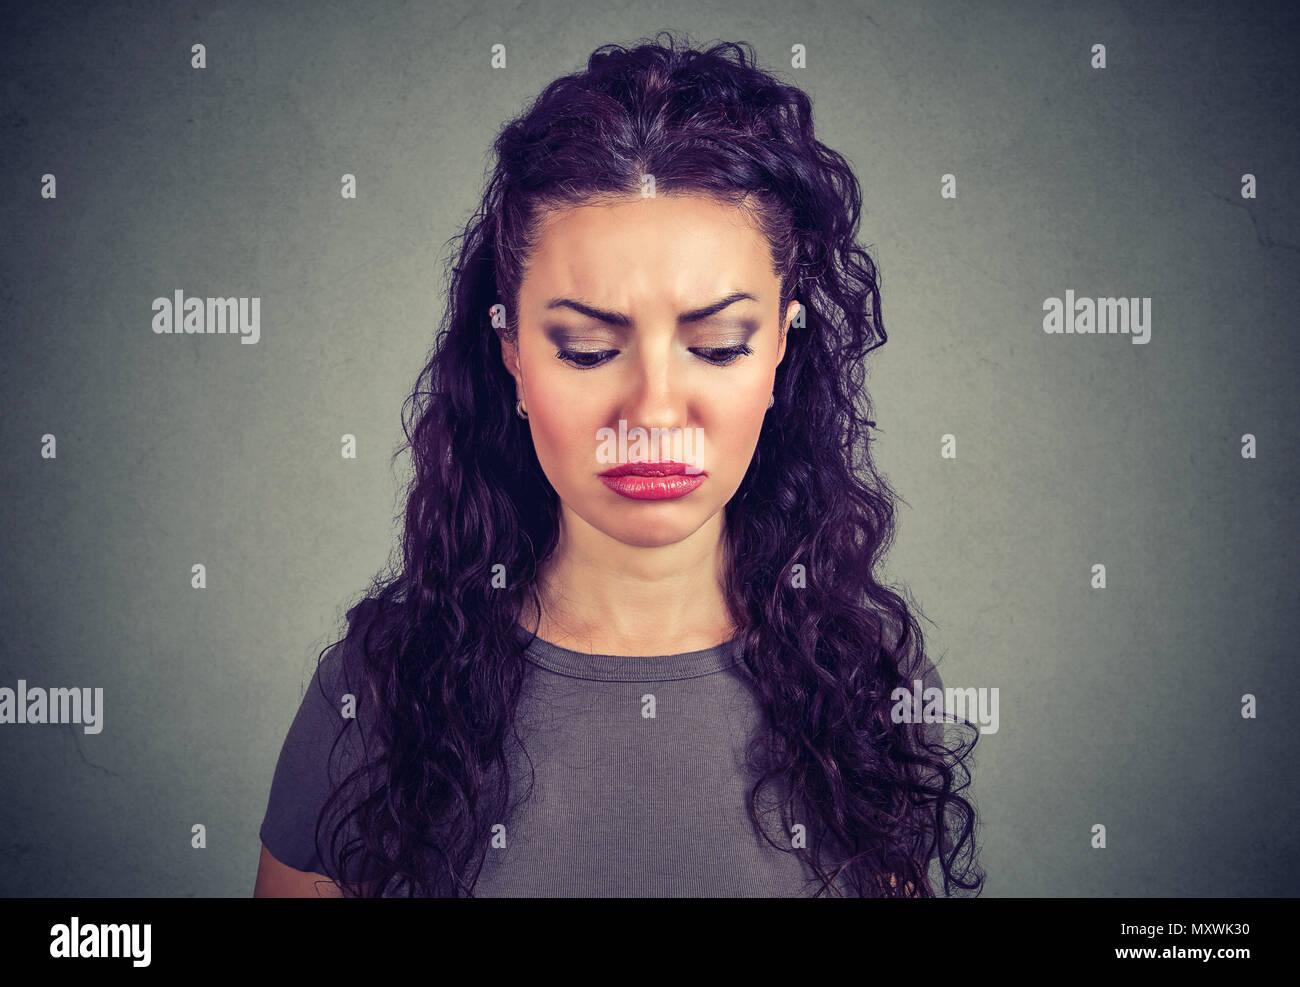 Hermosa mujer mirando hacia abajo en la desesperación buscando lástima sentir desesperada Imagen De Stock